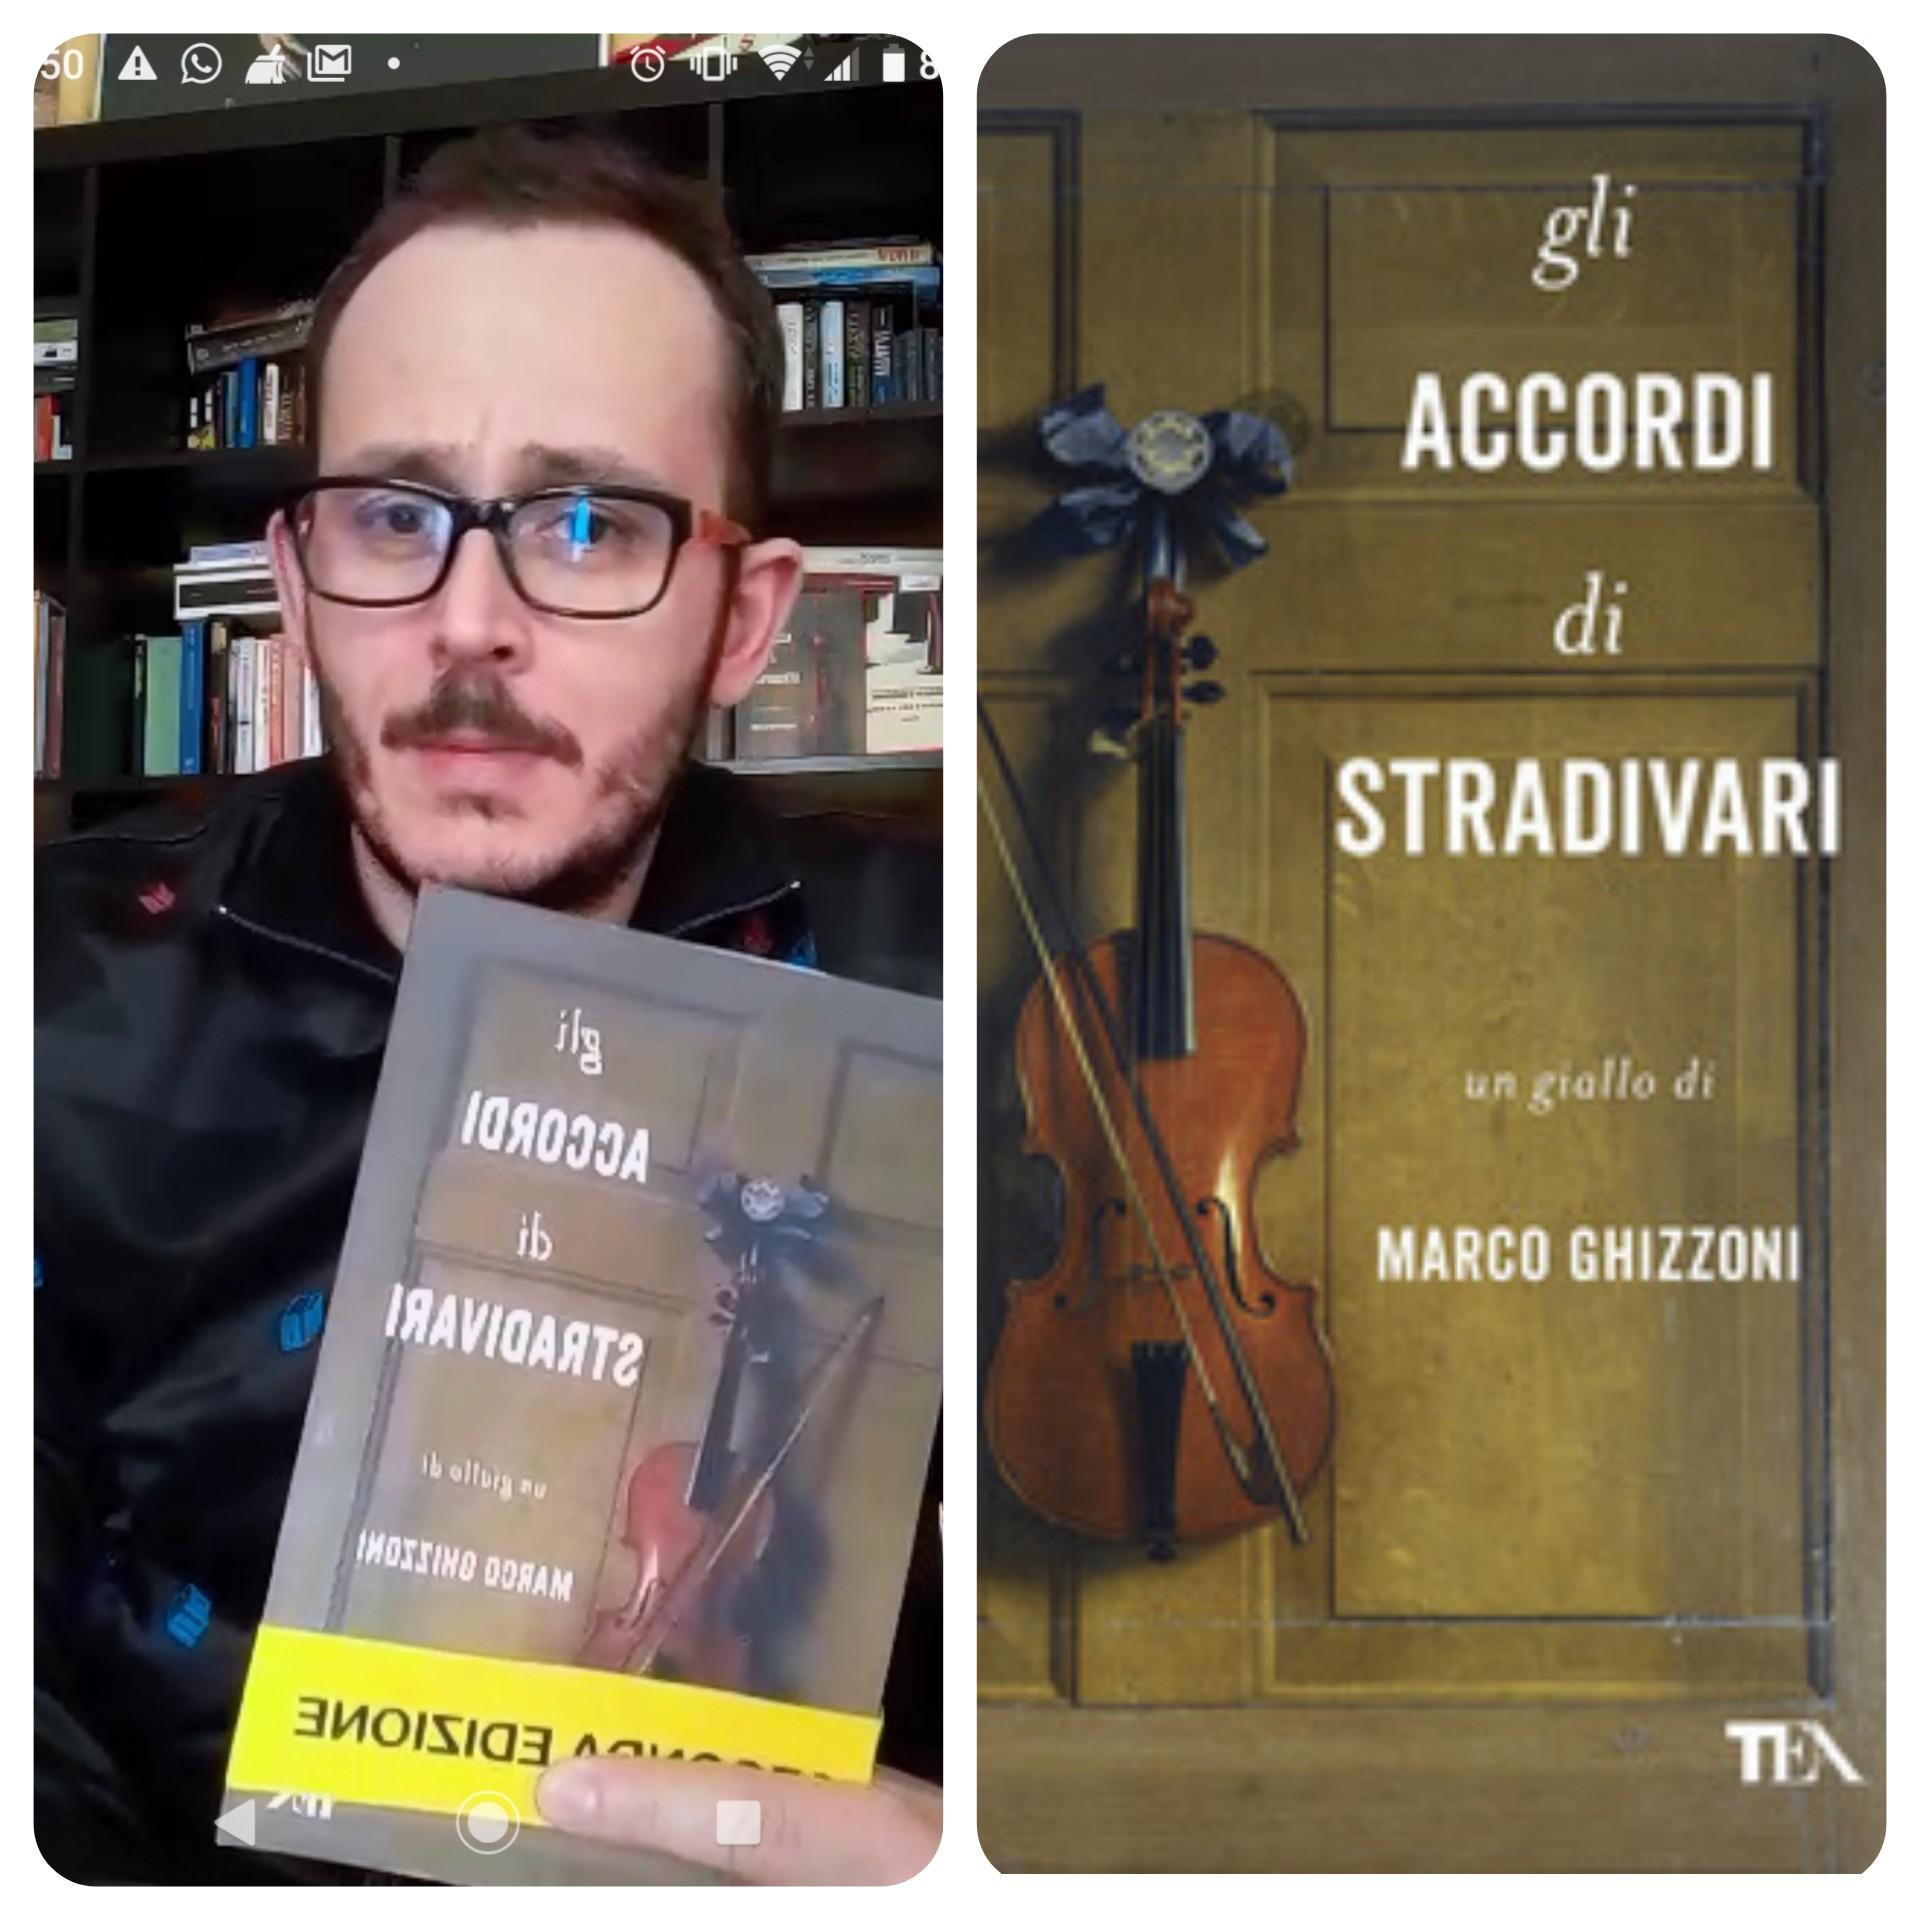 """""""Ve lo legge lo scrittore"""" stasera ospite del Blog c'è Marco Ghizzoni autore del romanzo """"Gli accordi di Stradivari"""" edito da Tea"""